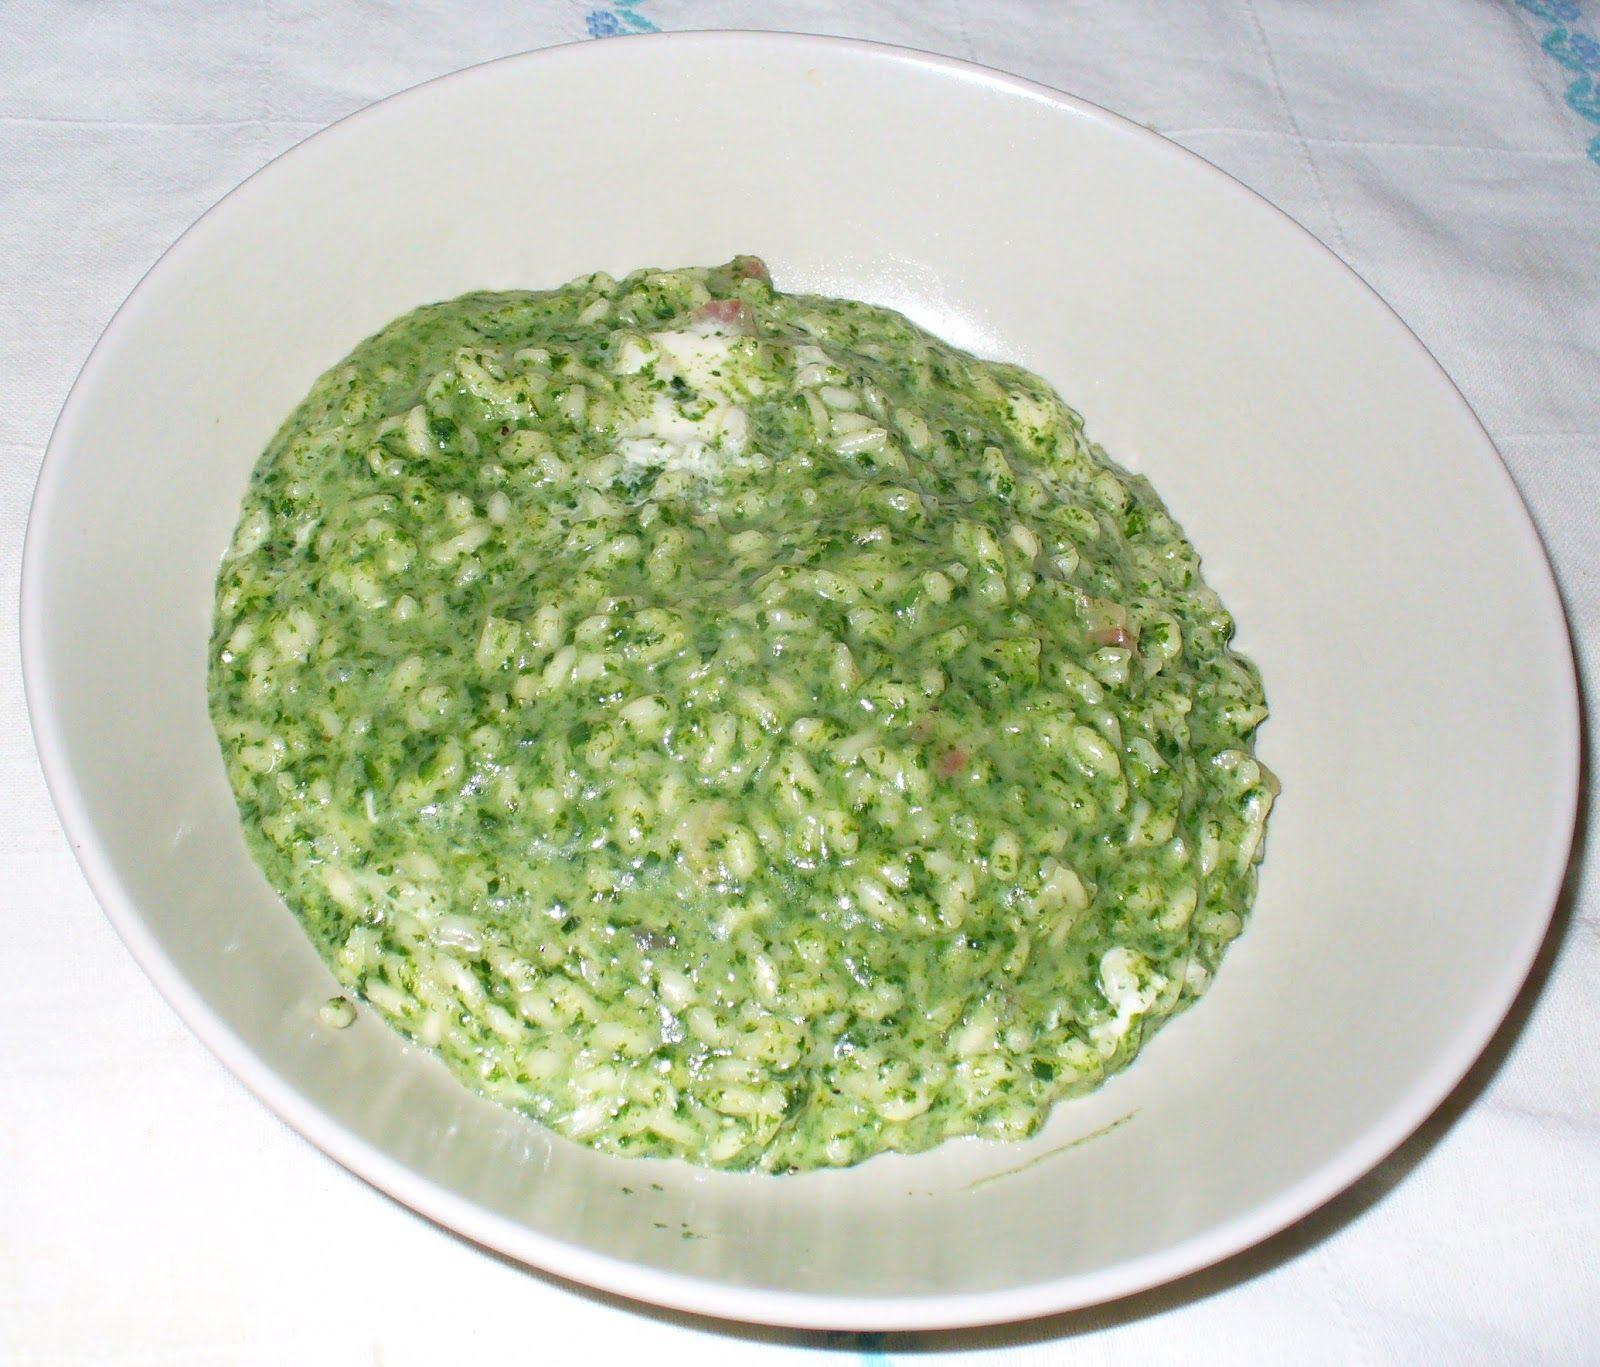 Cucinare la mia passione risotto spinaci crescenza for Cucinare spinaci